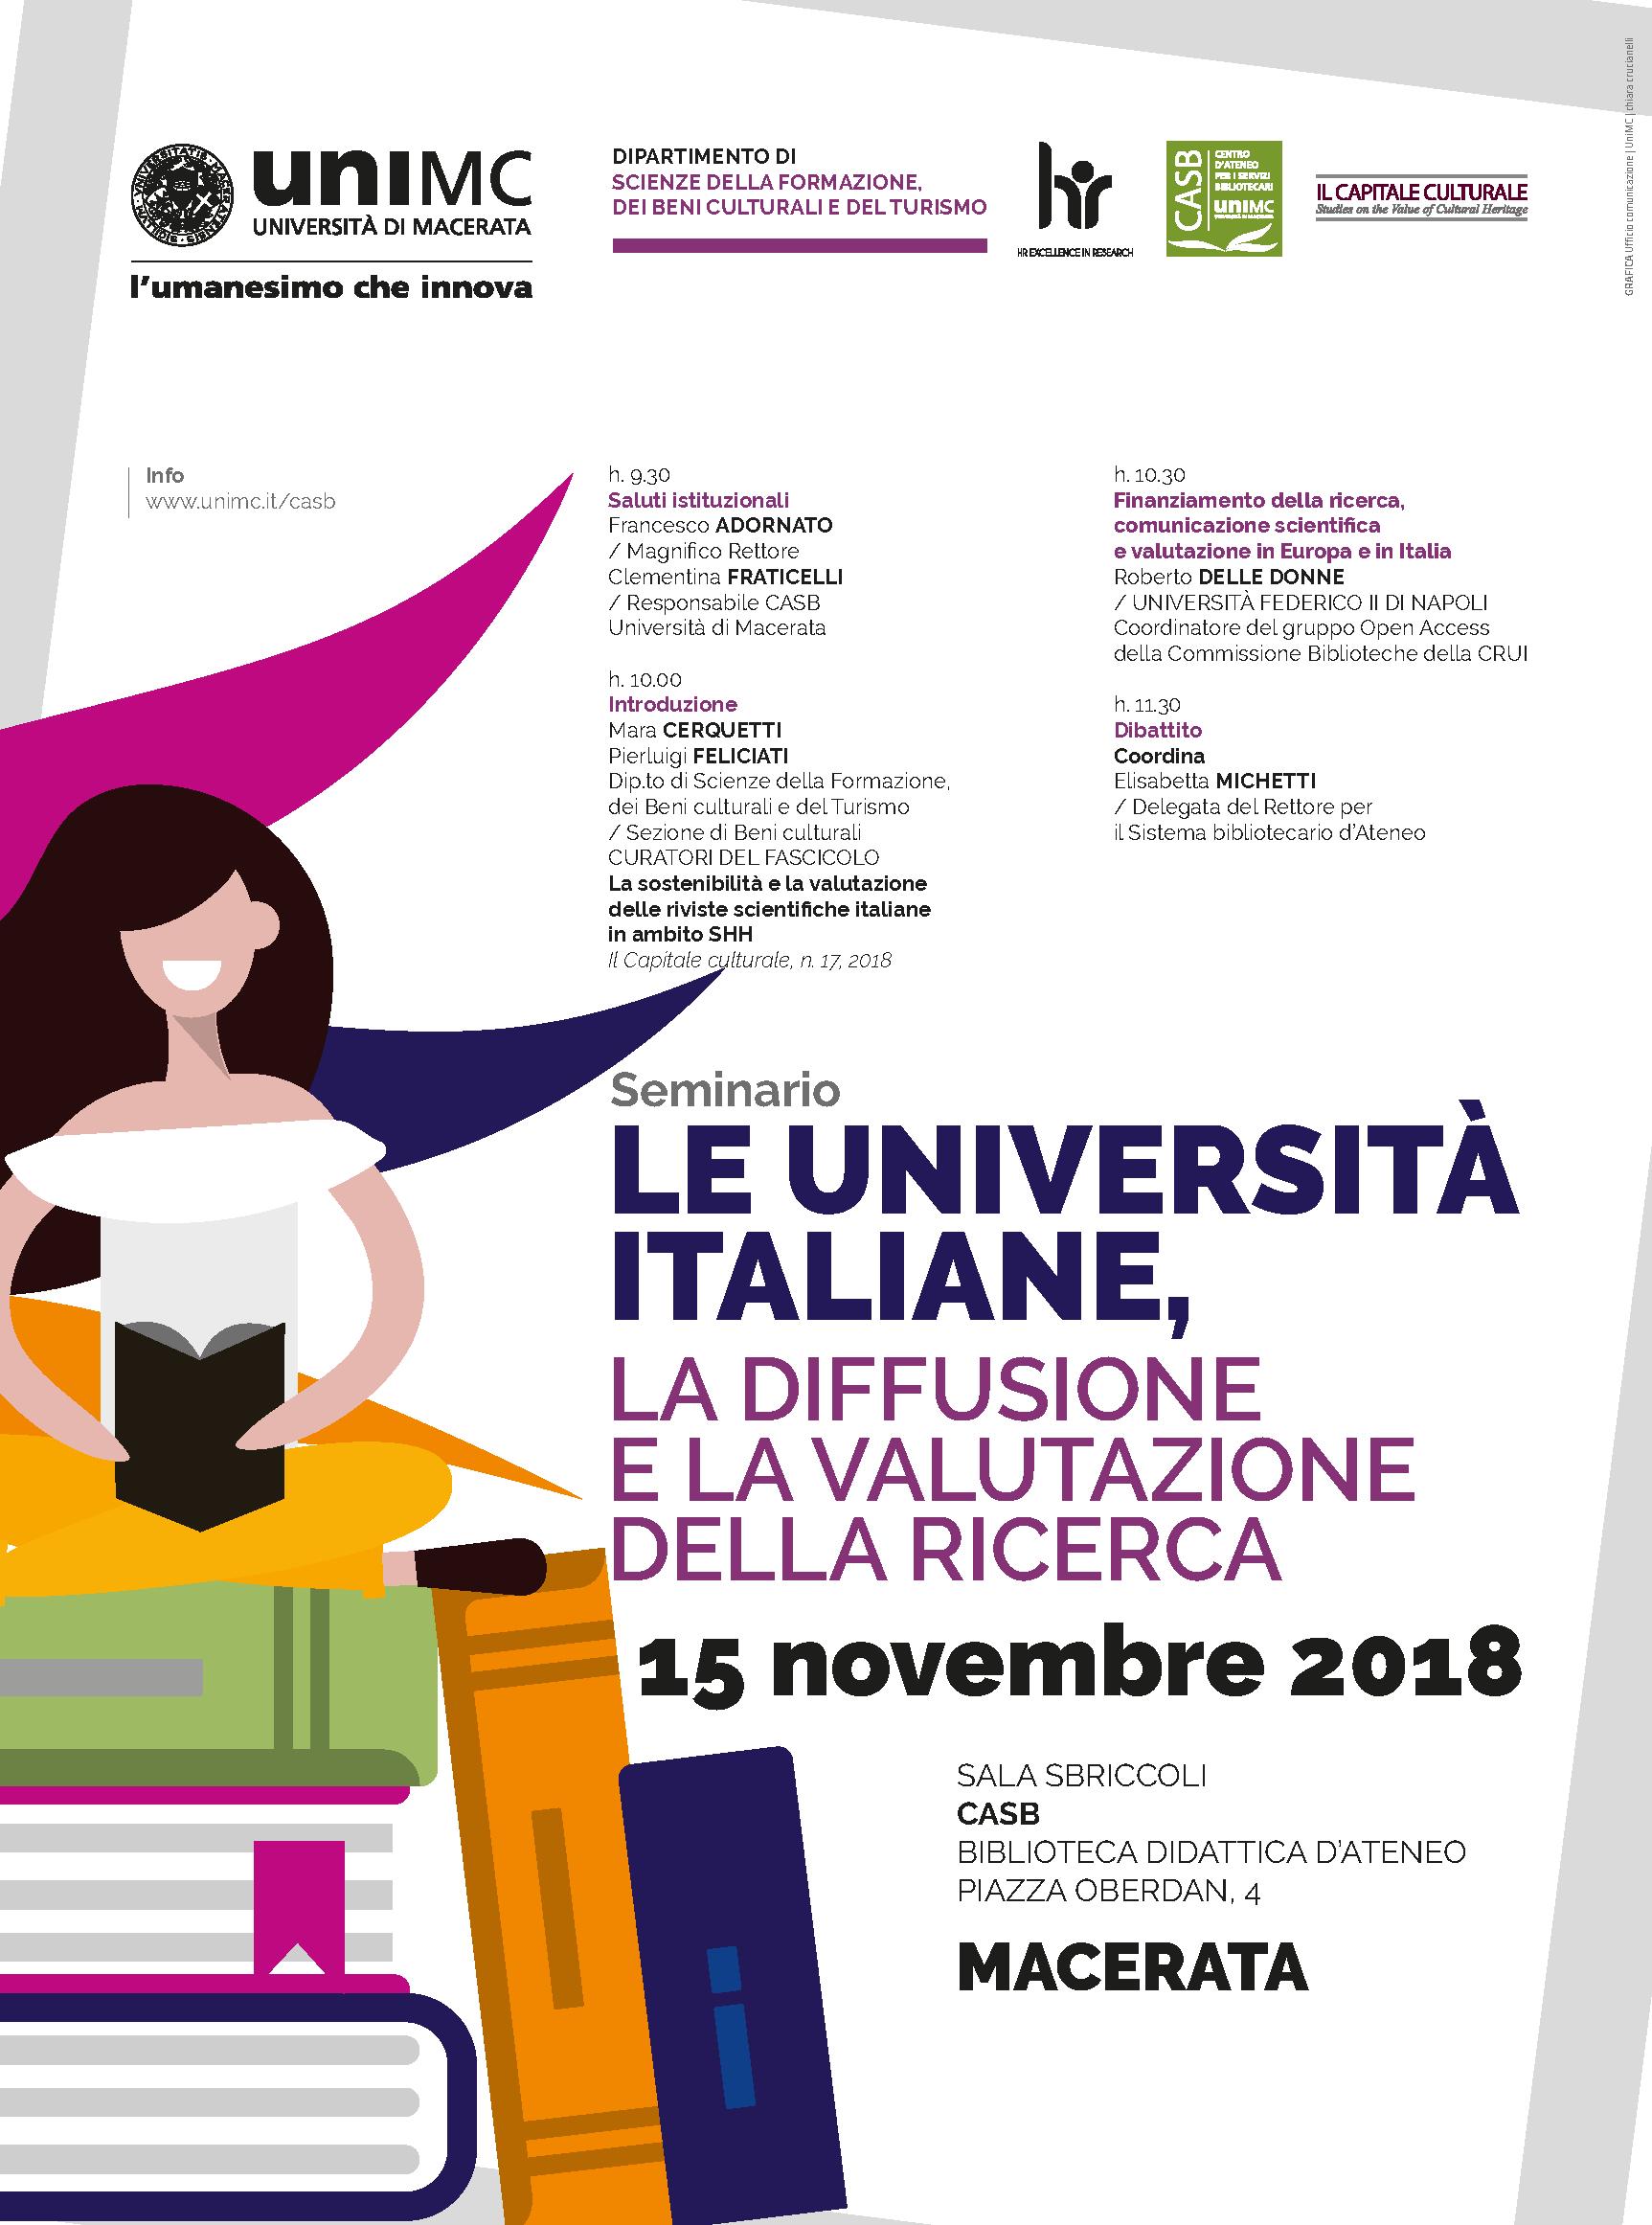 Le università italiane, la diffusione e la valutazione della ricerca